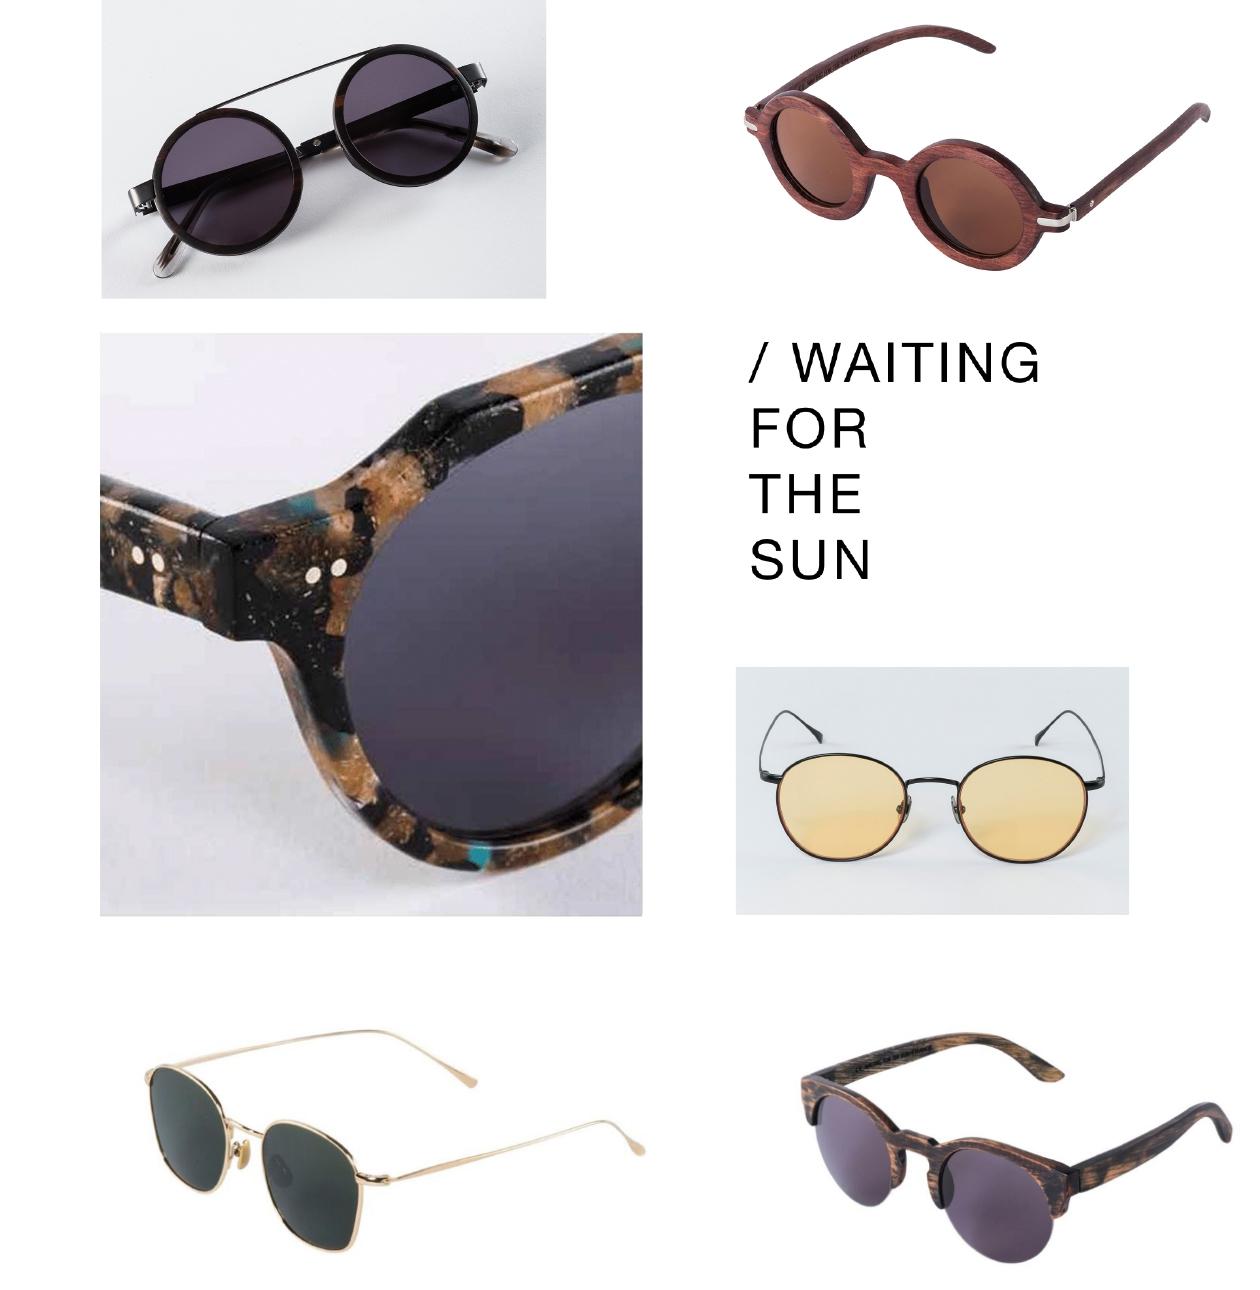 Neu bei AVESU! | Sonnenbrillen von WAITING FOR THE SUN | Shop online!